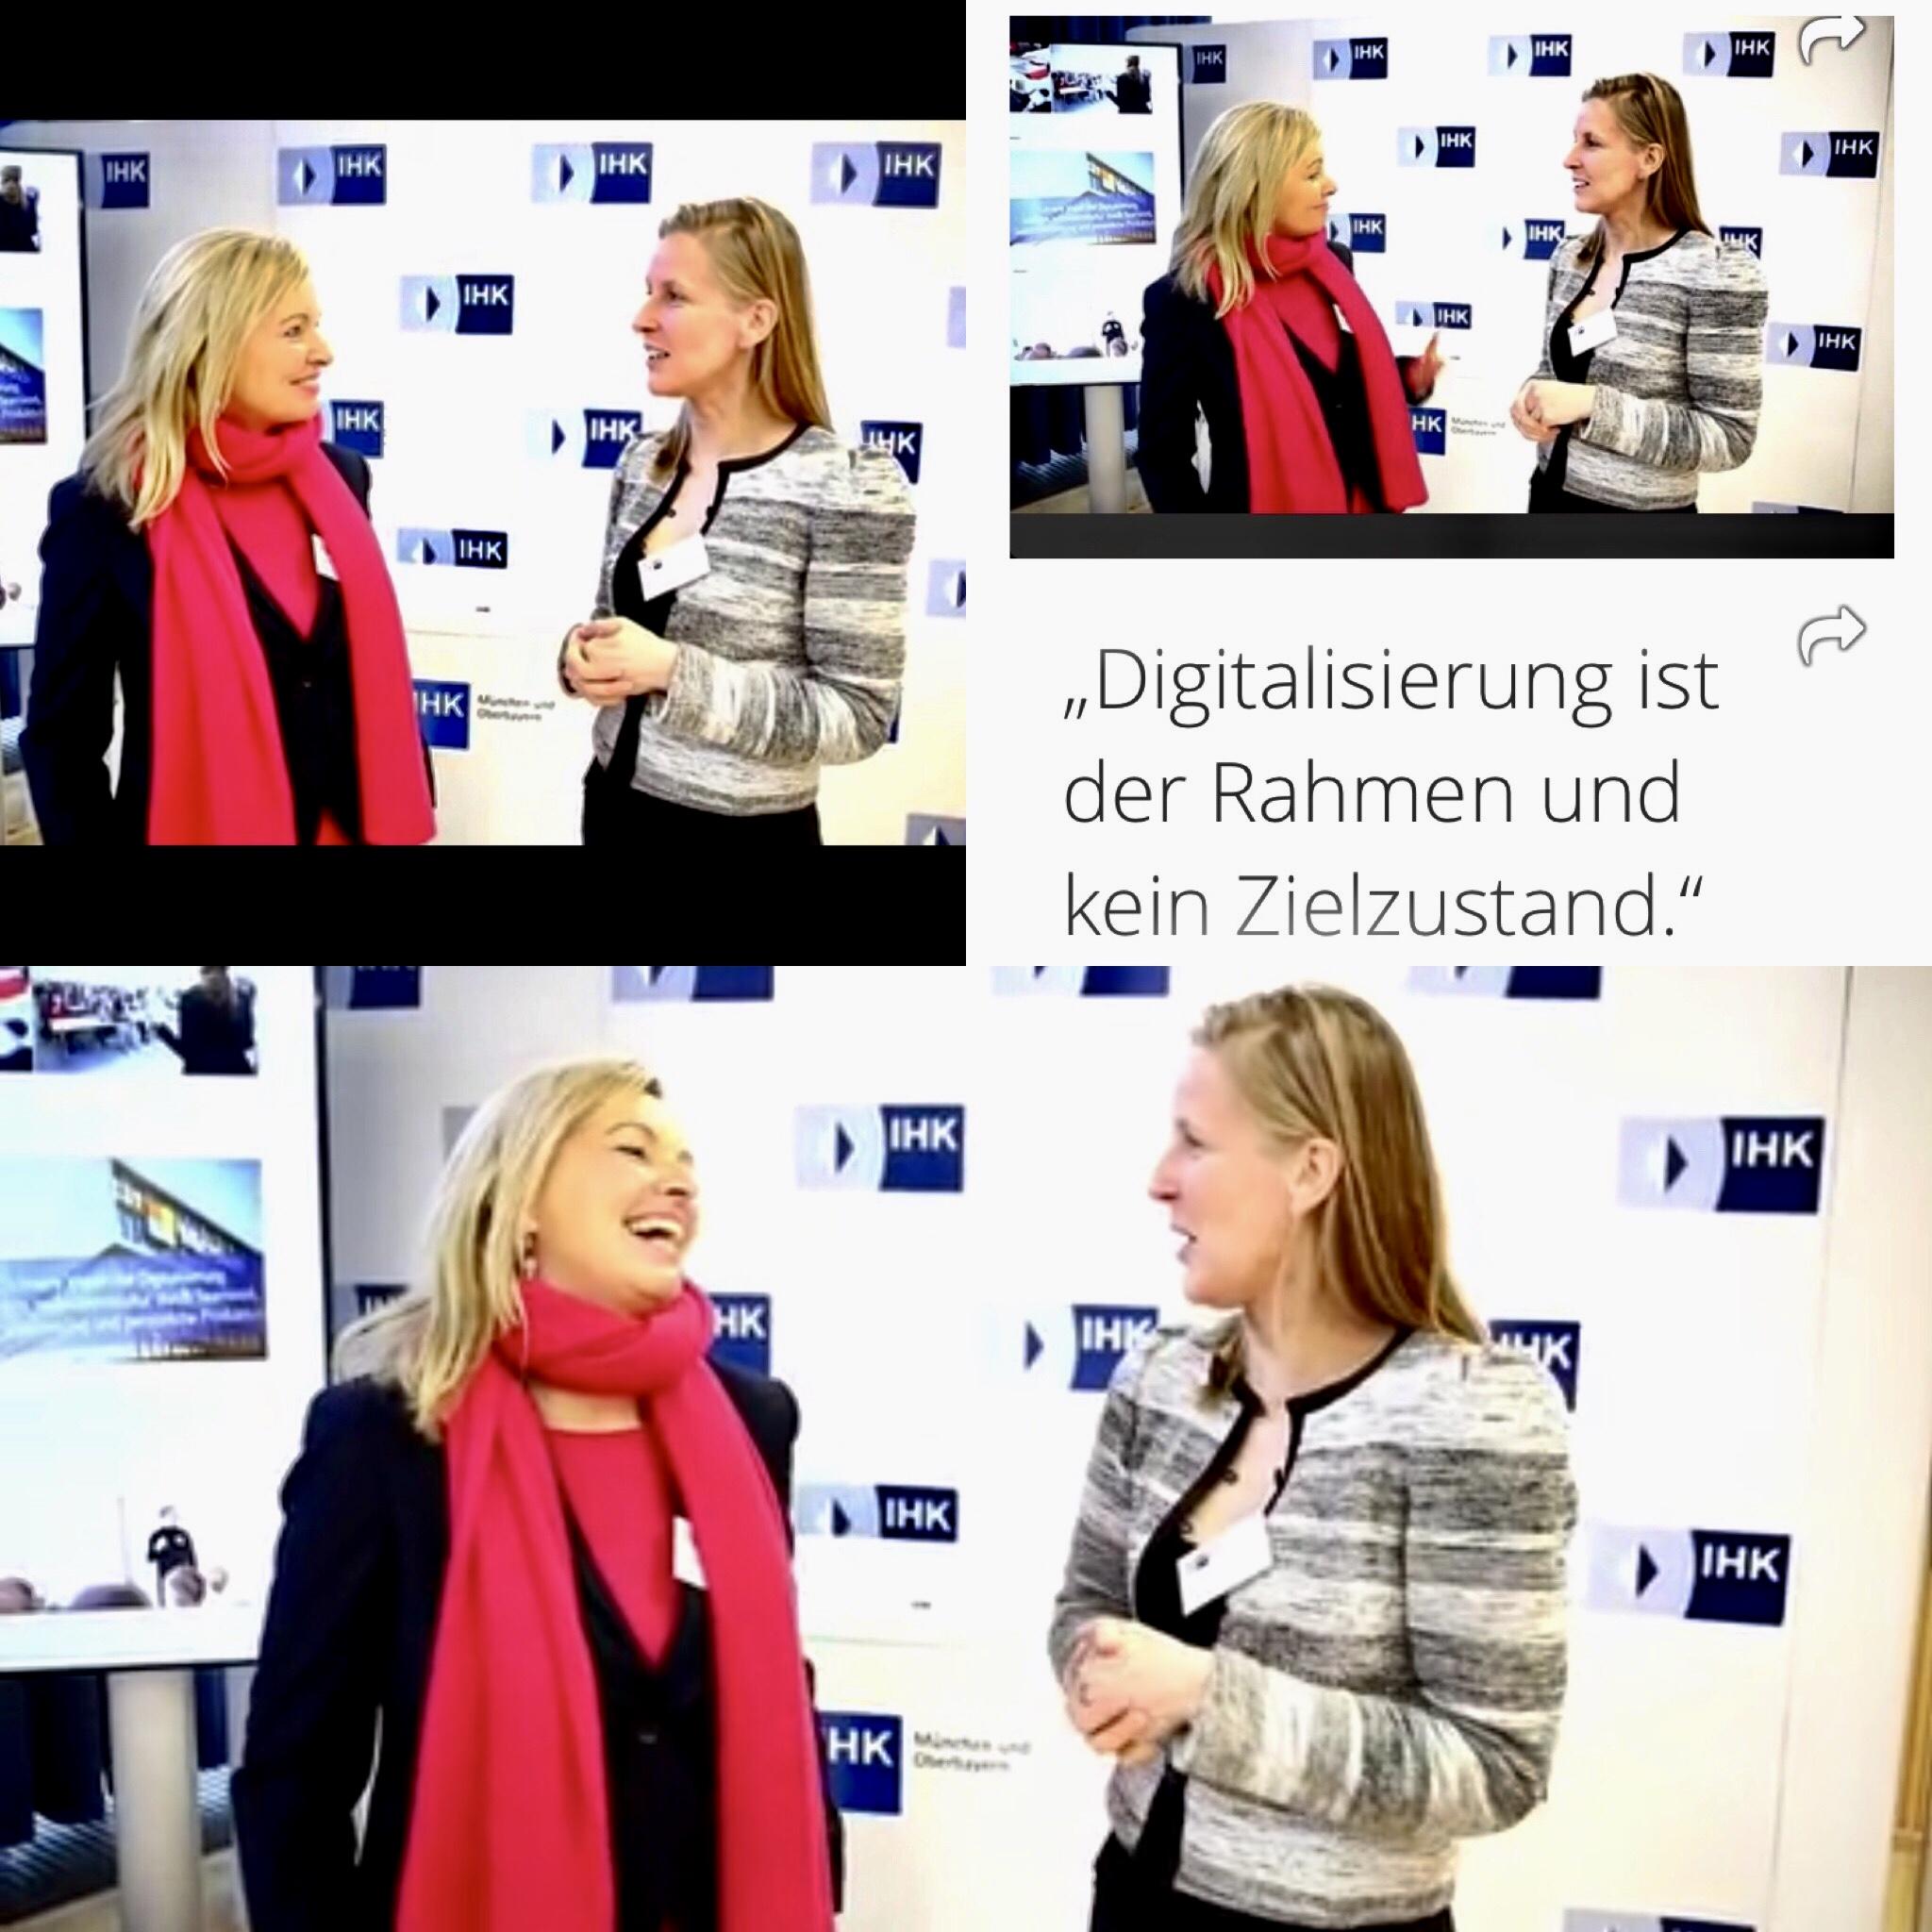 """Wir hatten Freude - Videostatement mit Google-Kollegin bei """"Digital Work"""" Konferenz, 2018"""